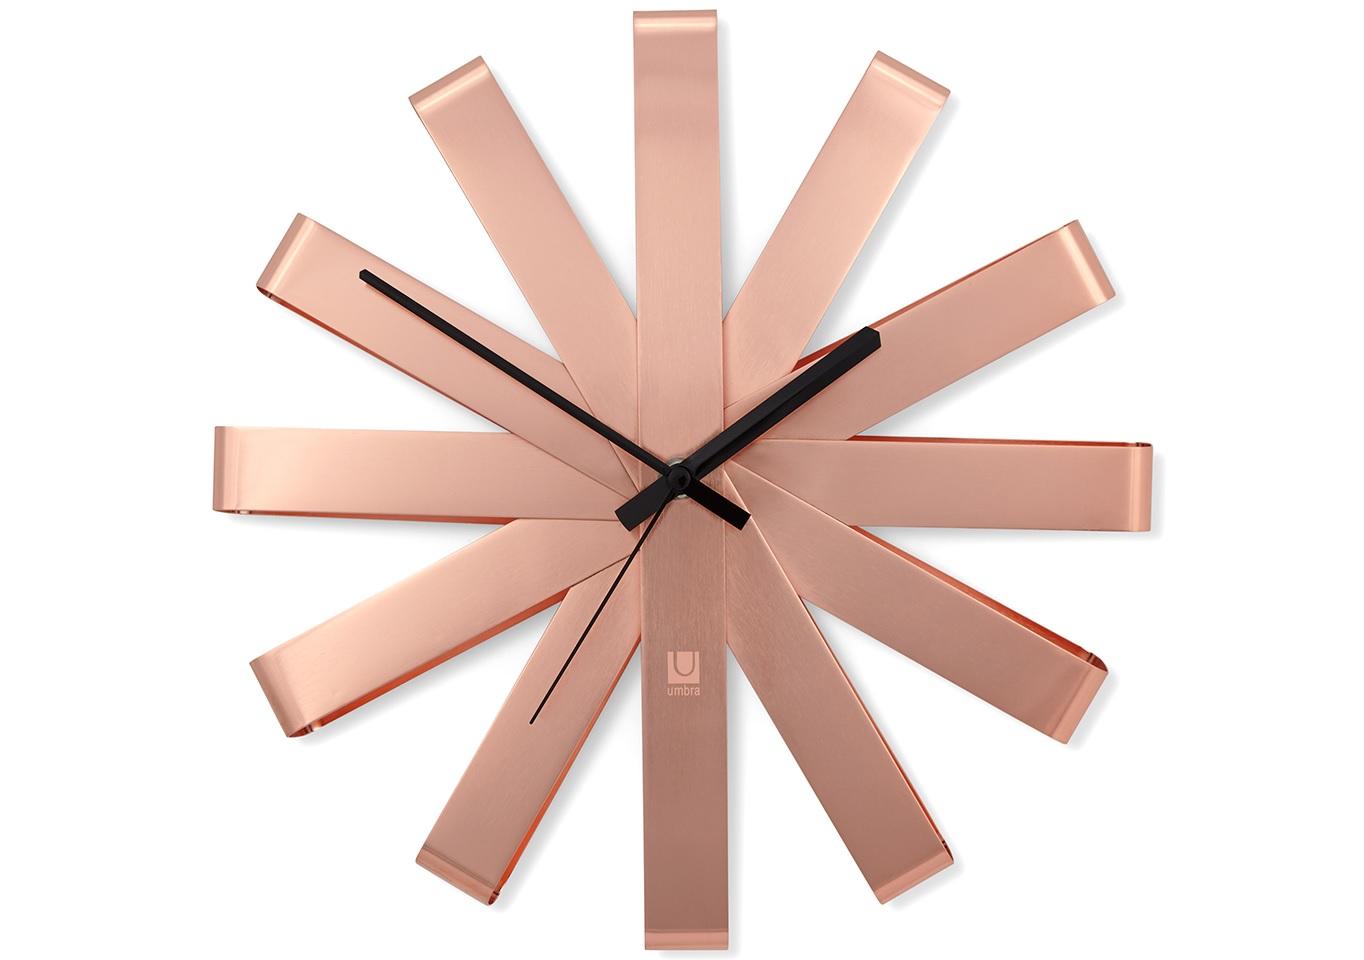 Часы настенные RibbonНастенные часы<br>Оригинальные металлические часы, циферблат которых по форме напоминает своеобразный ленточный бант. Бесшумный ход.Работают от одной стандартной батарейки АА (в комплект не входит).Дизайн: Michelle Ivankovic<br><br>kit: None<br>gender: None